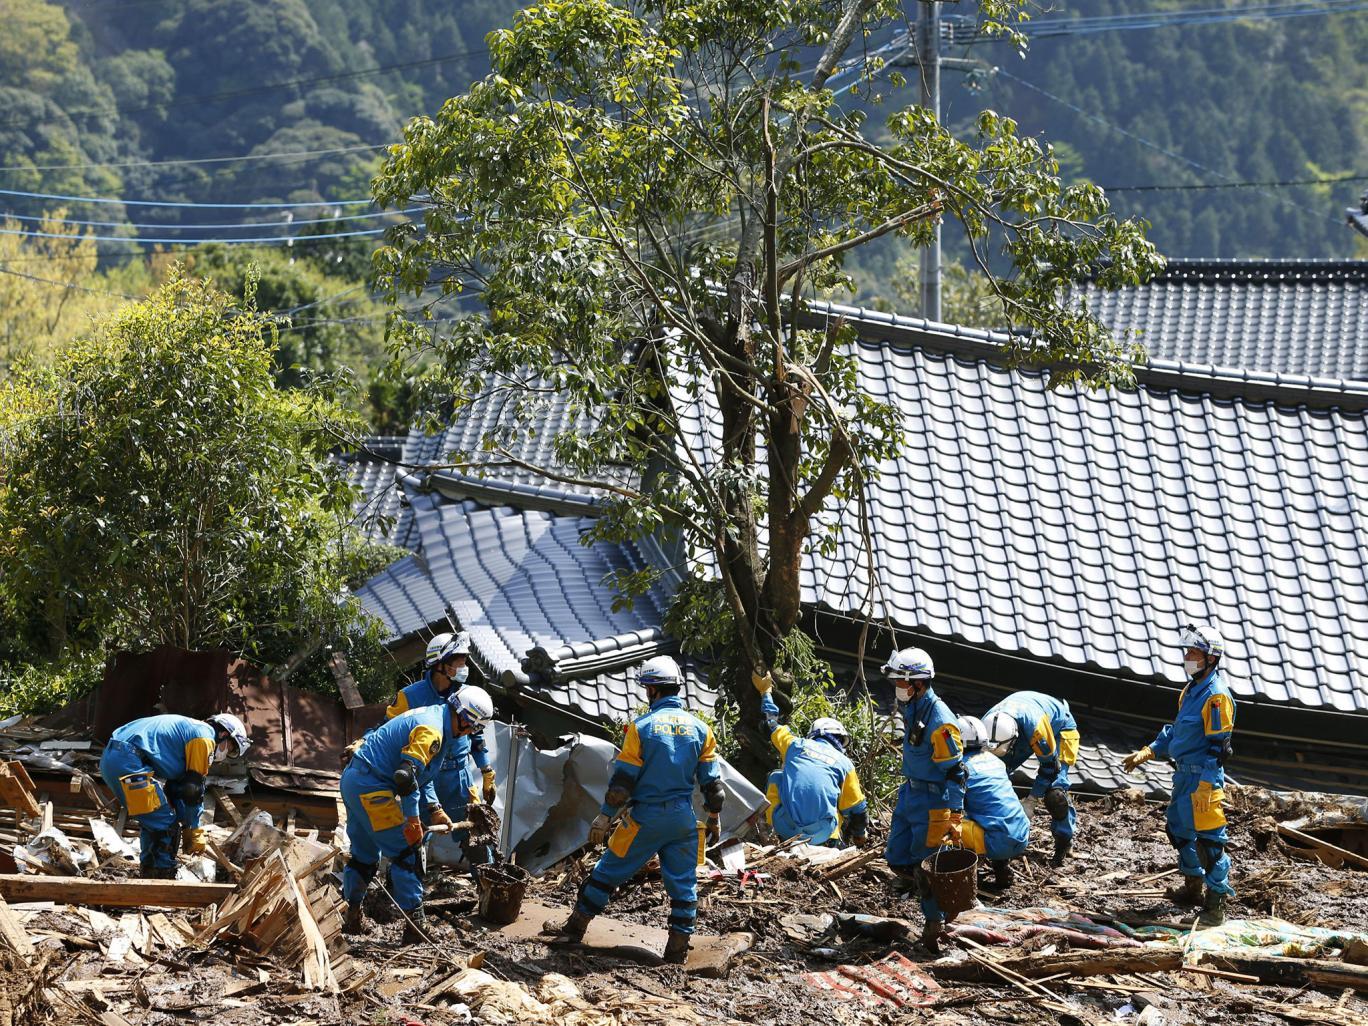 محاولات اخيرة للعثور على ناجين بعد الزلزالين في اليابان